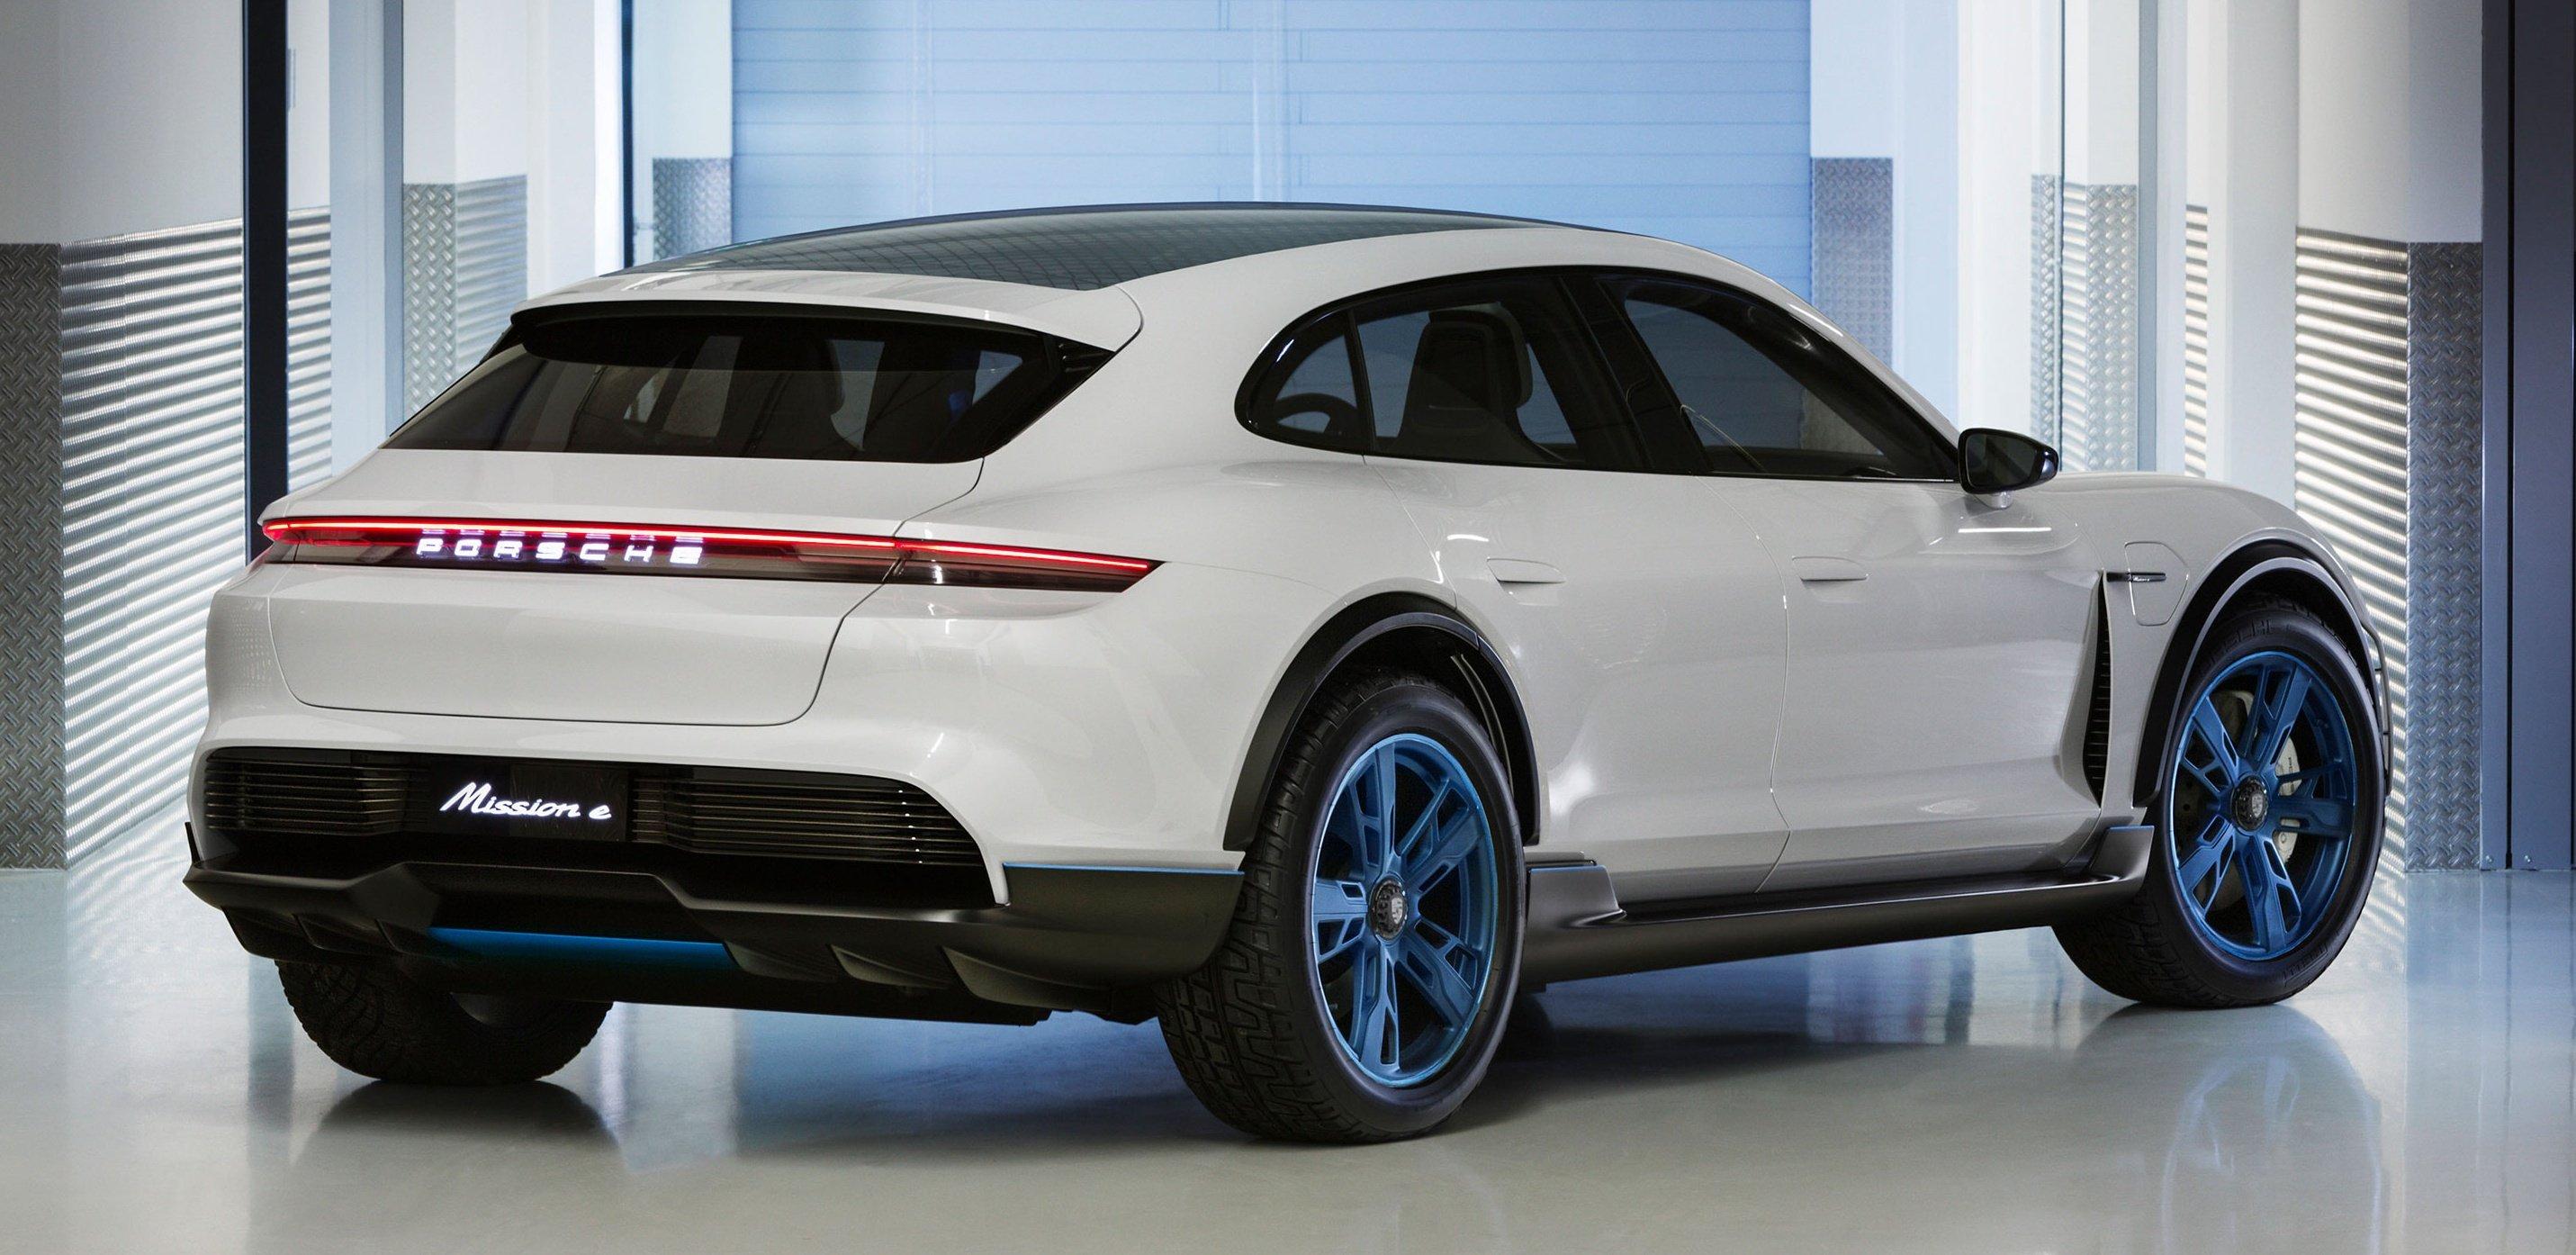 Porsche Mission E Cross Turismo Concept – Auto Breaking News